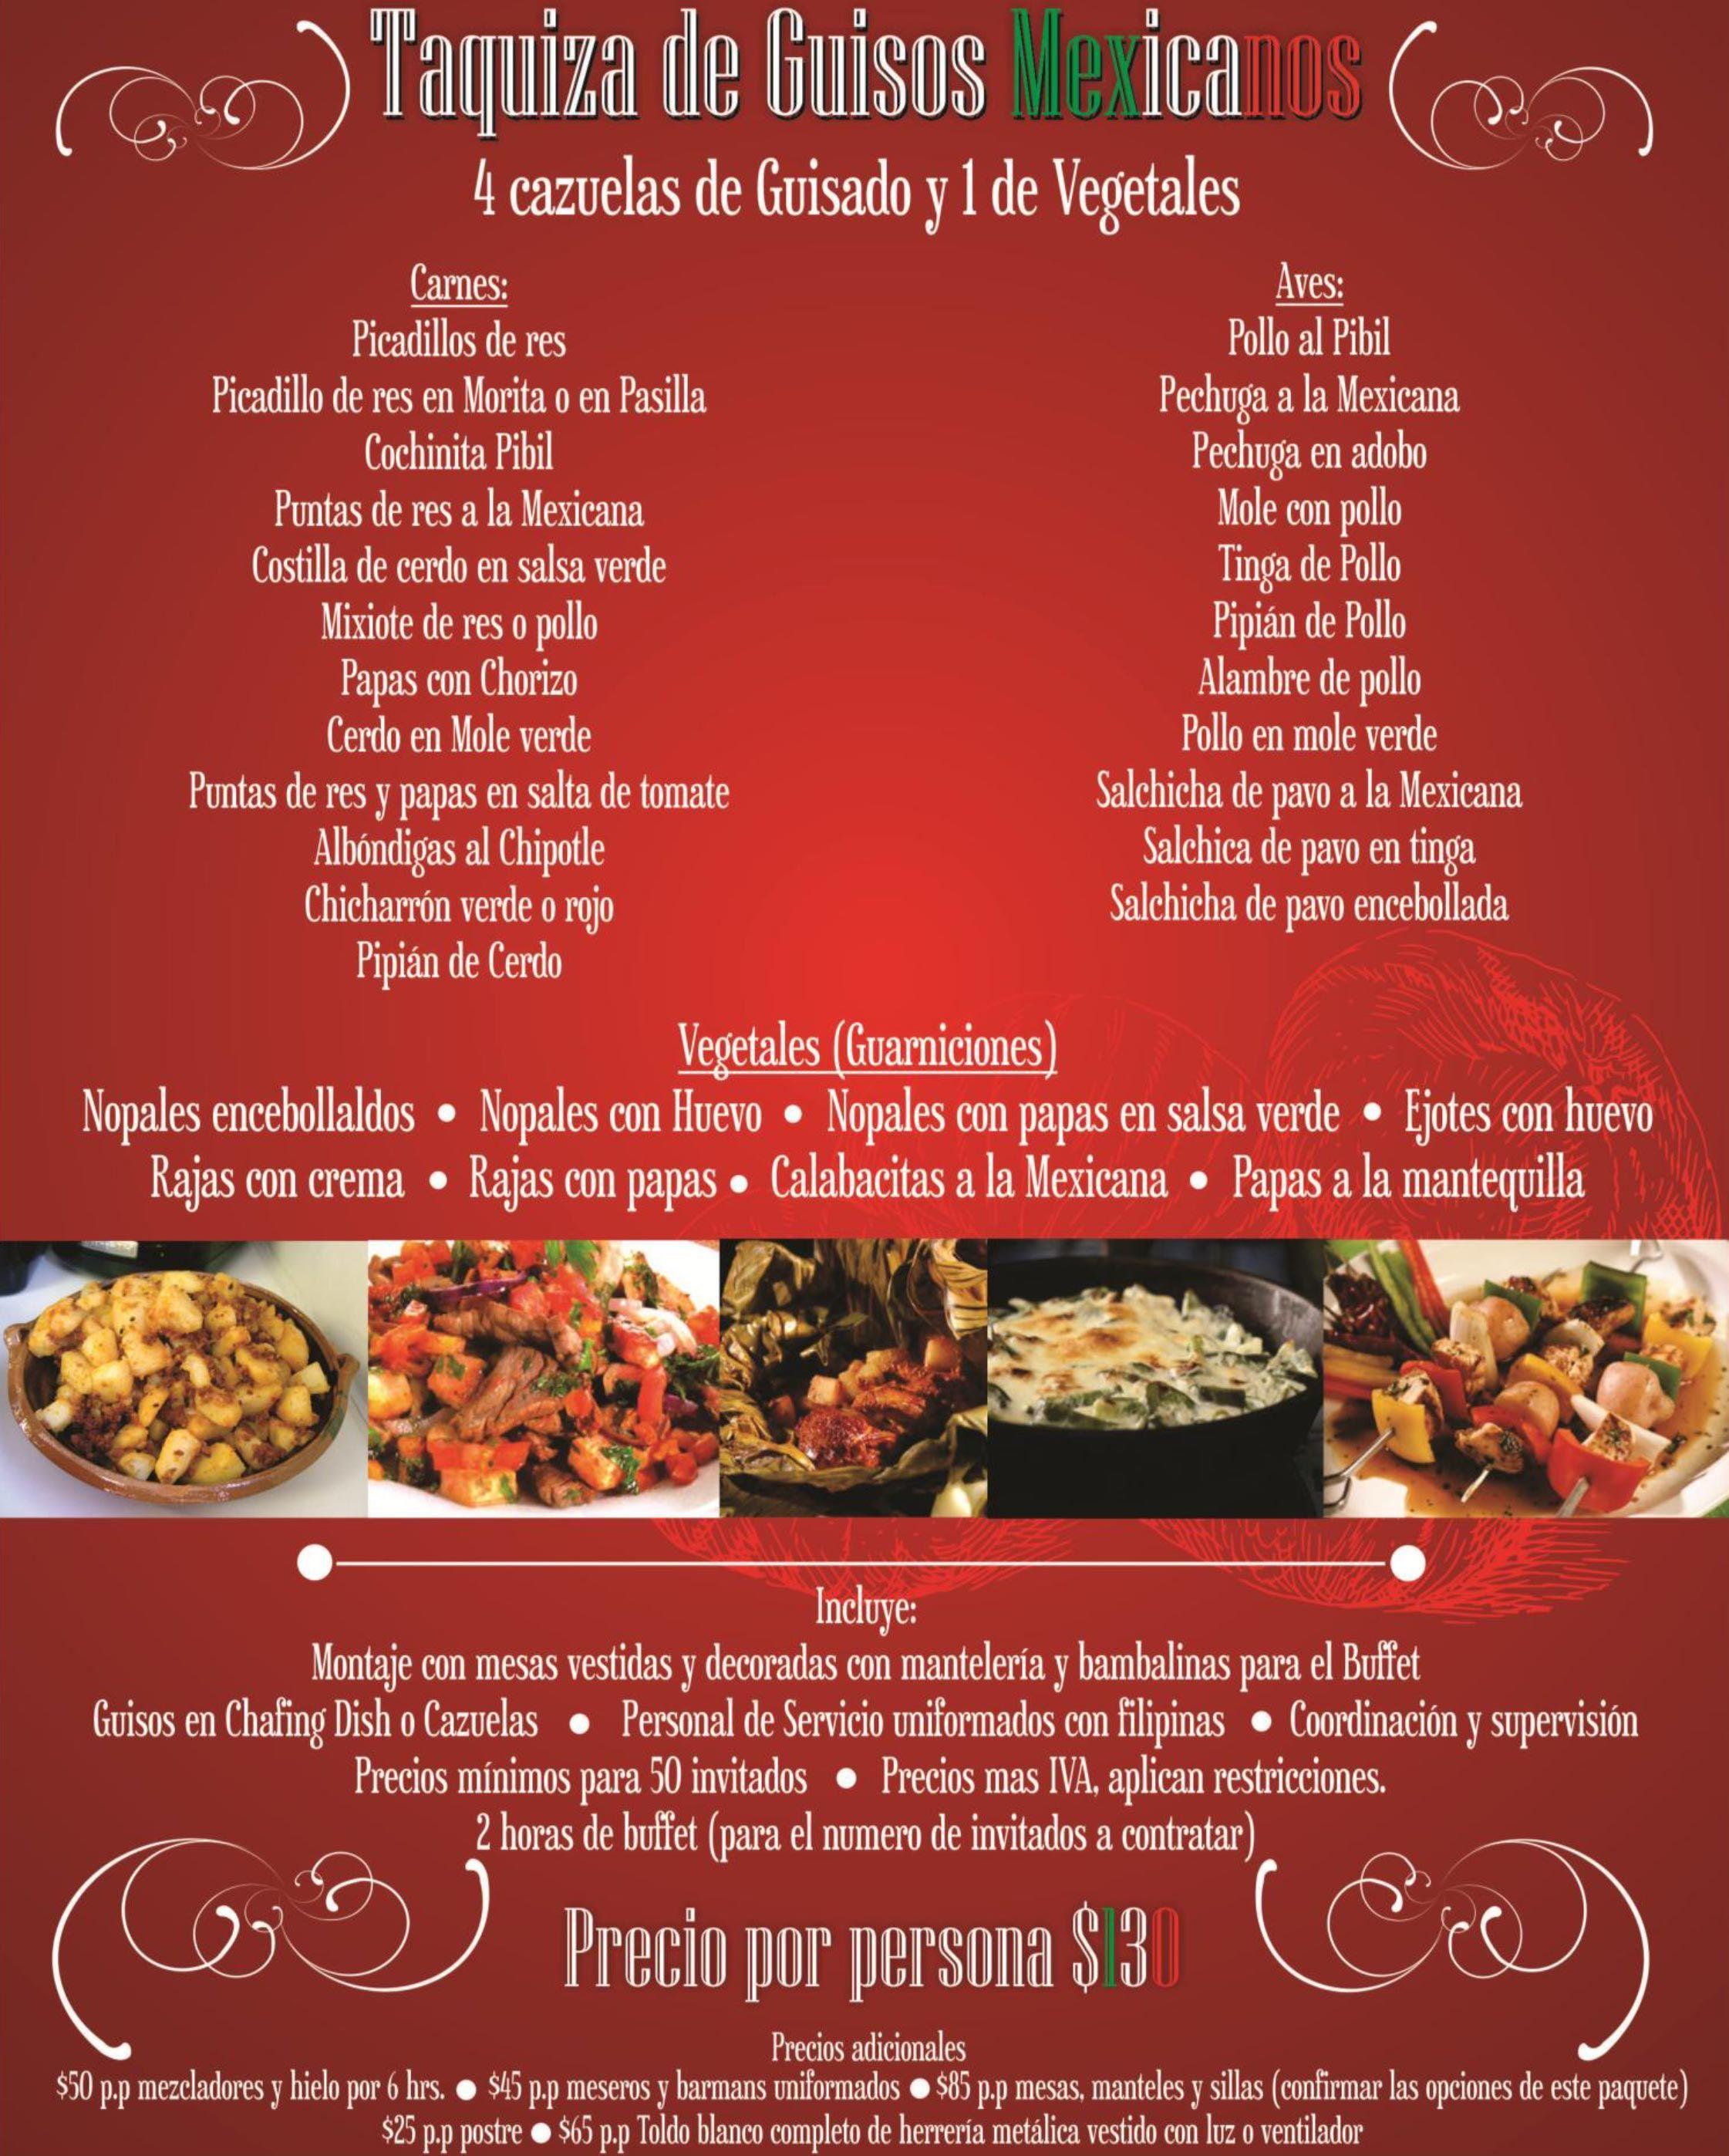 Mejores Banquetes Taquiza De Guisos Mexicanos El Restaurante